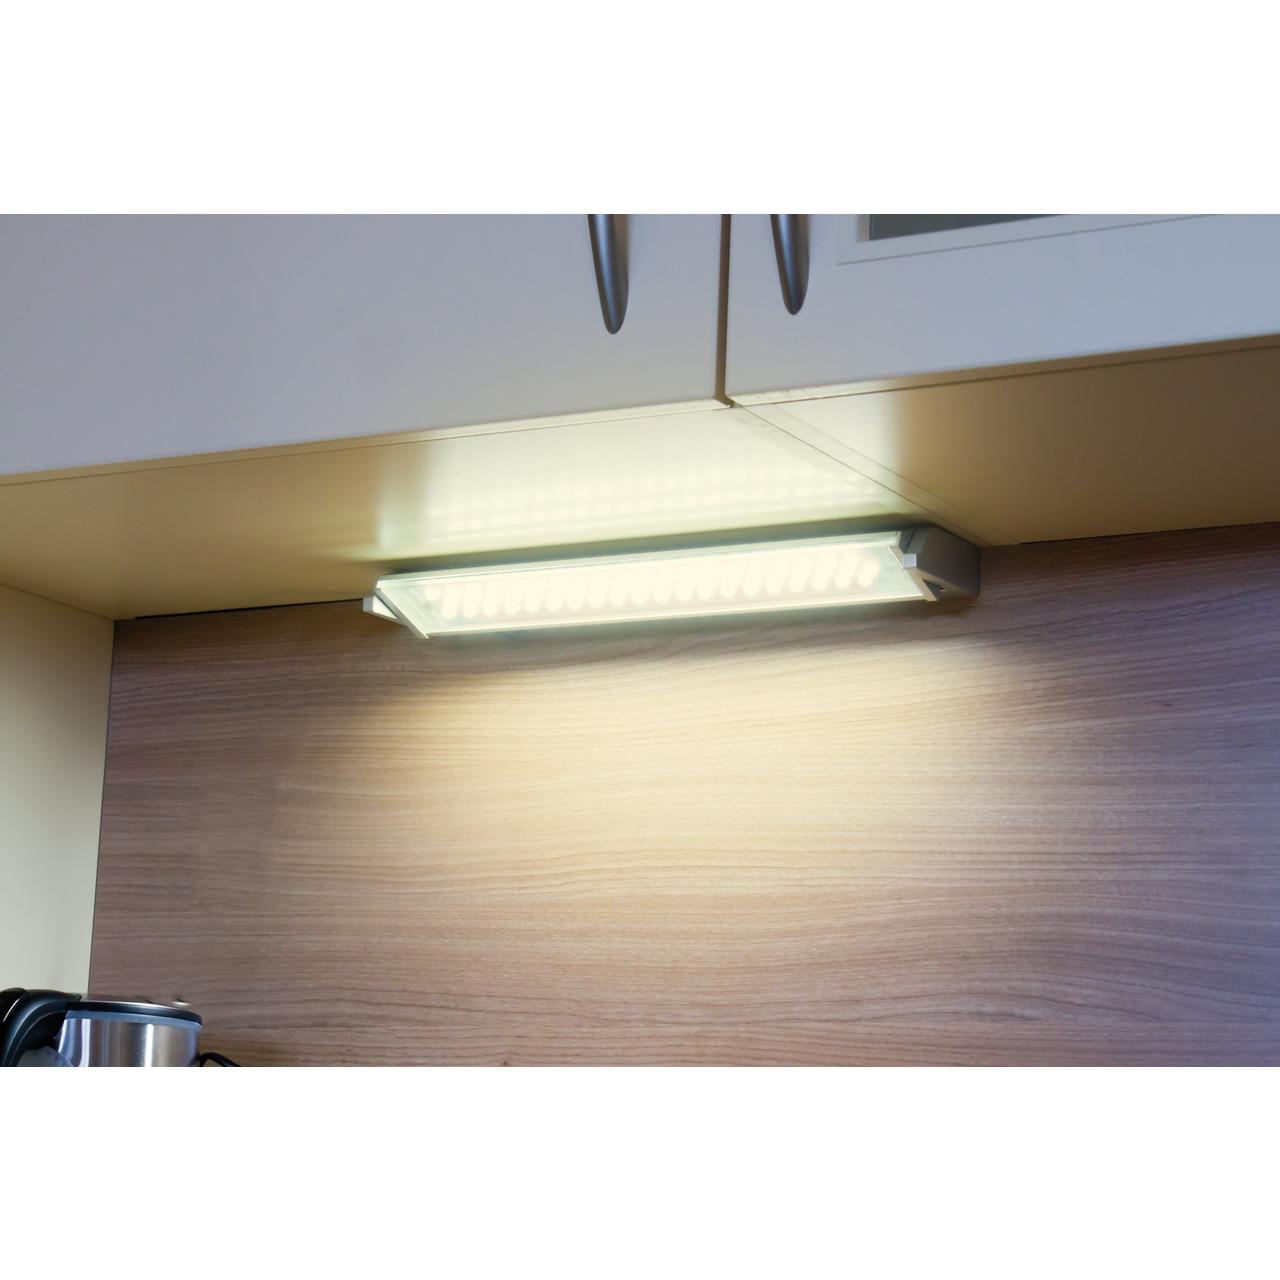 Heitronic Schwenkbare LED-Unterbauleuchte MIAMI- 5 W- 370 lm- warmweiss- 35 cm